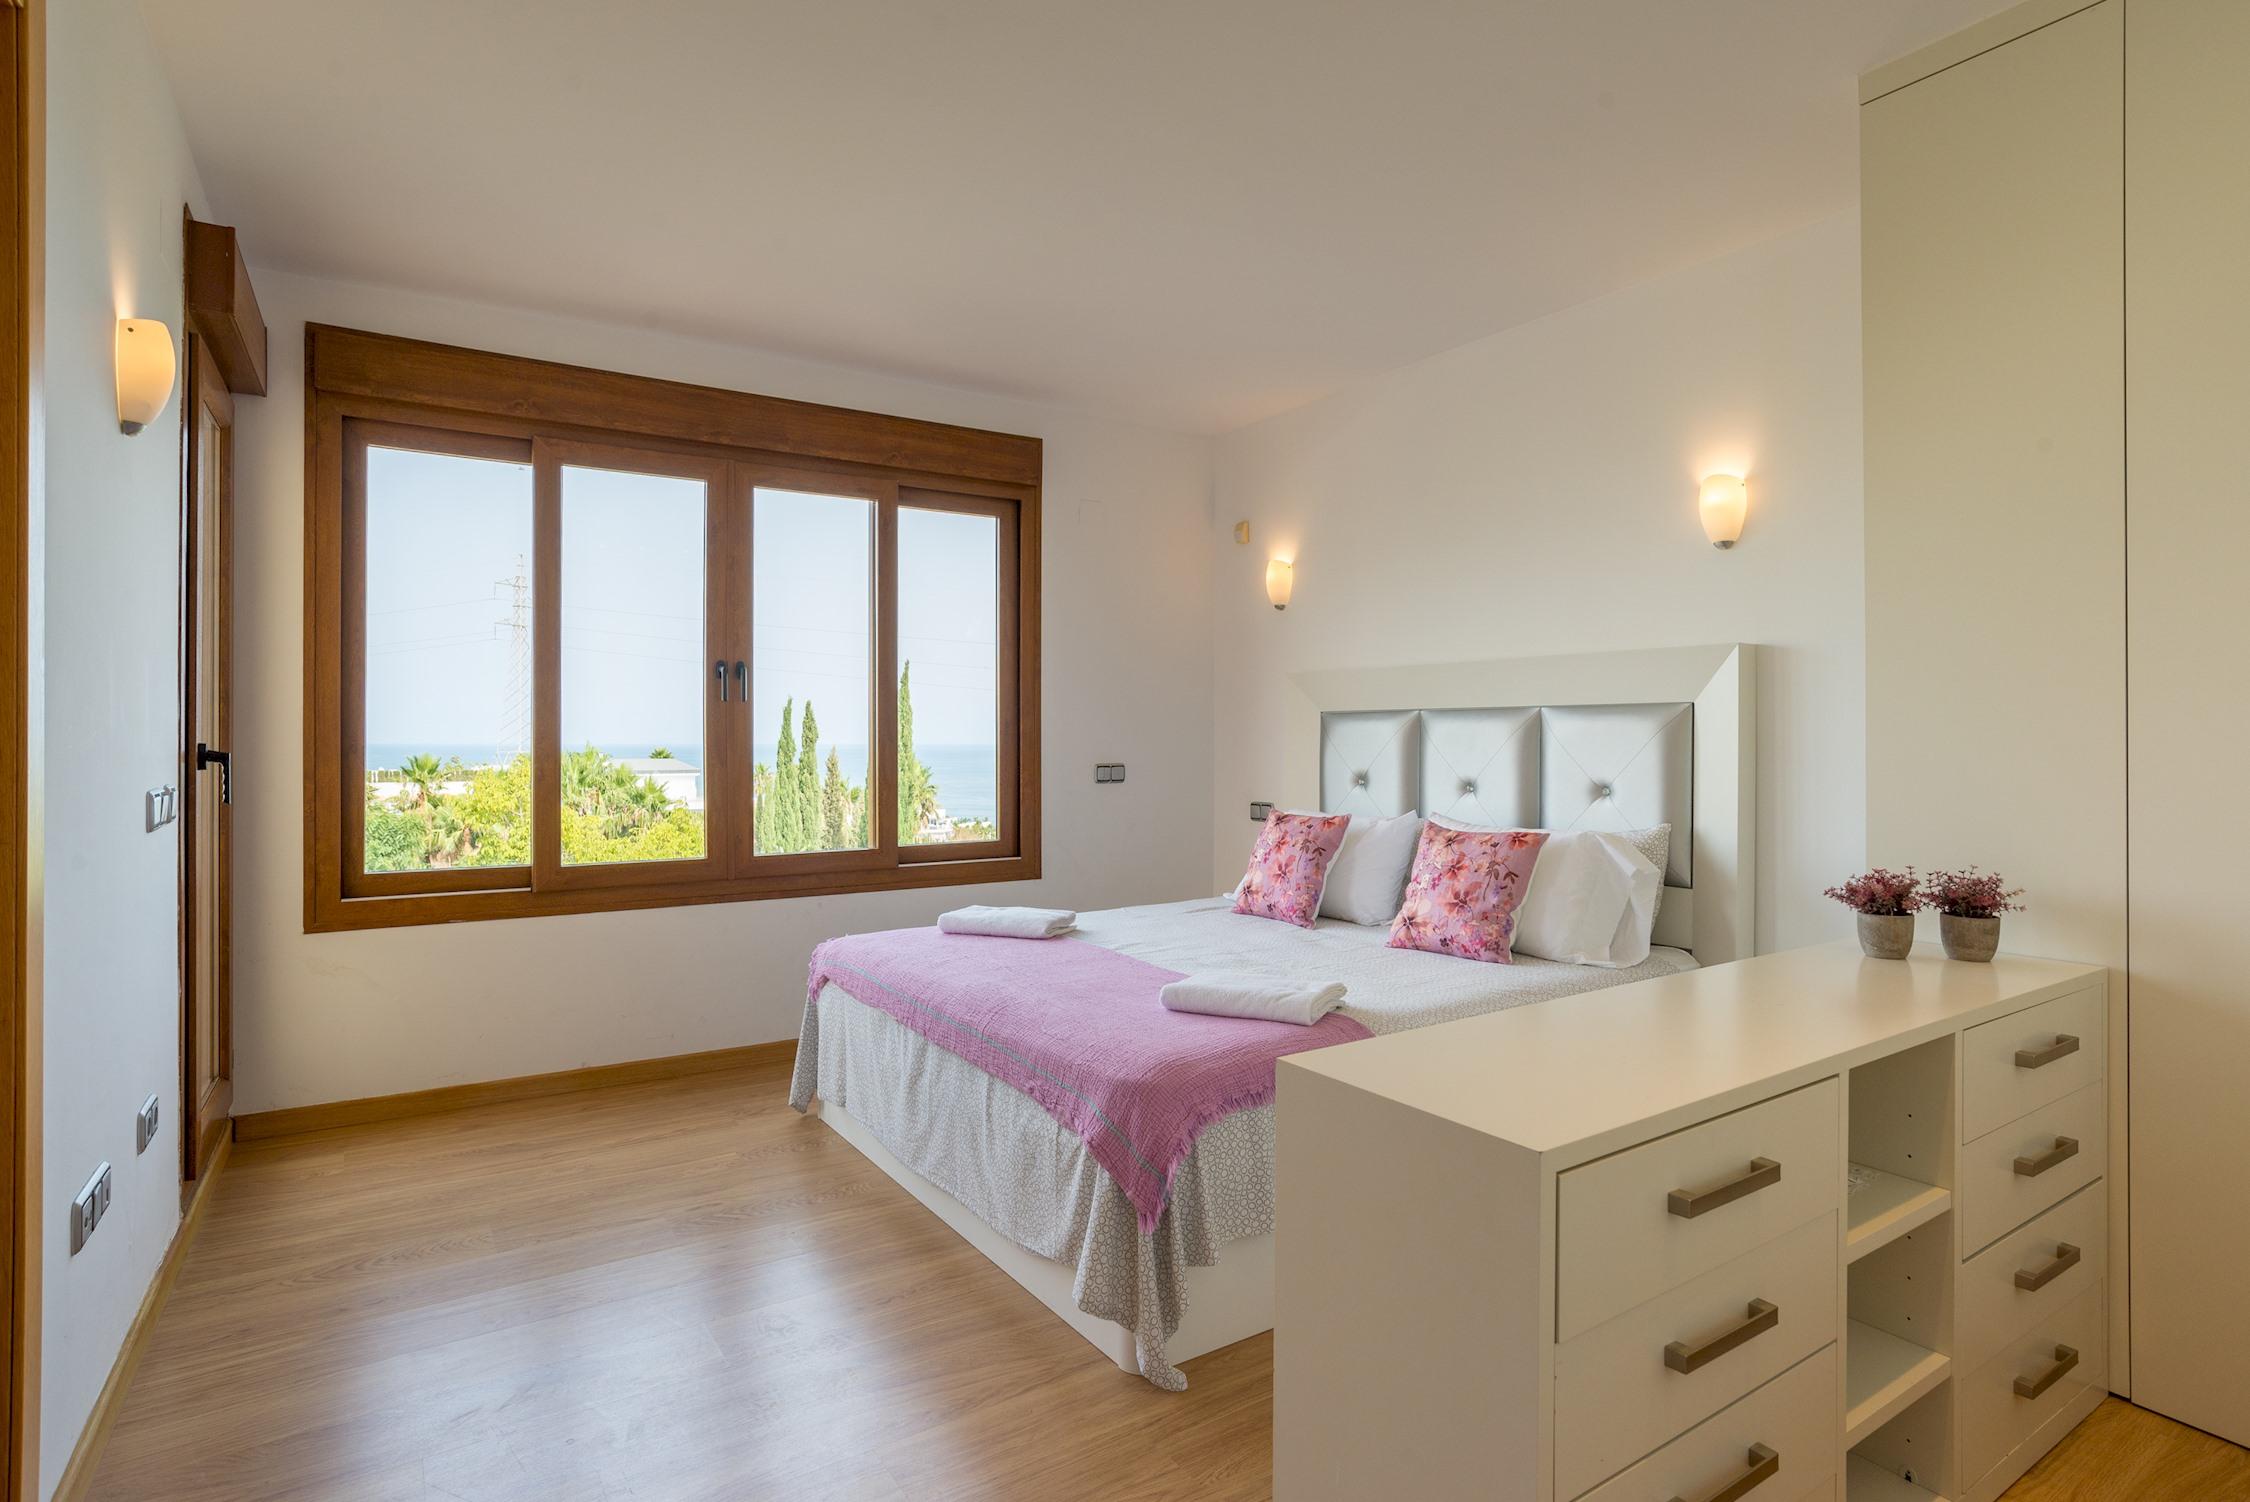 Apartment MalagaSuite Private Deluxe Villa photo 20498697